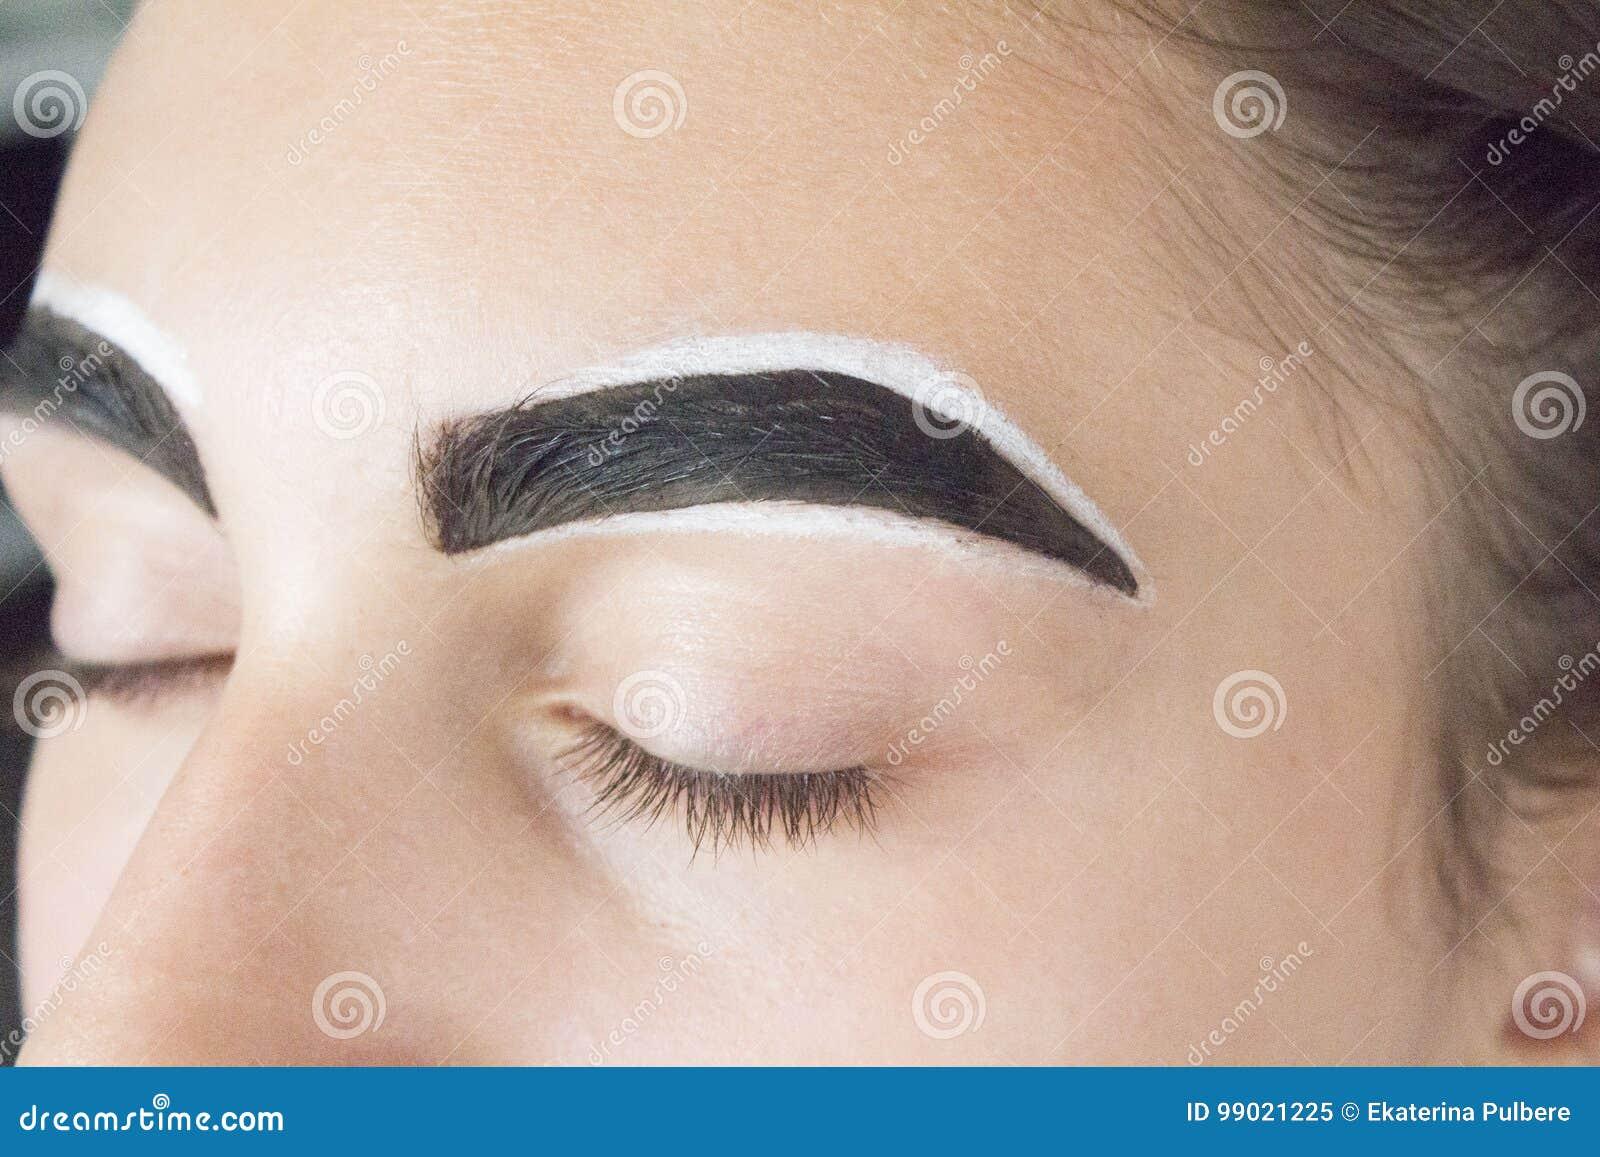 Eyebrows With Henna Stock Image Image Of Fringing Eyelashes 99021225